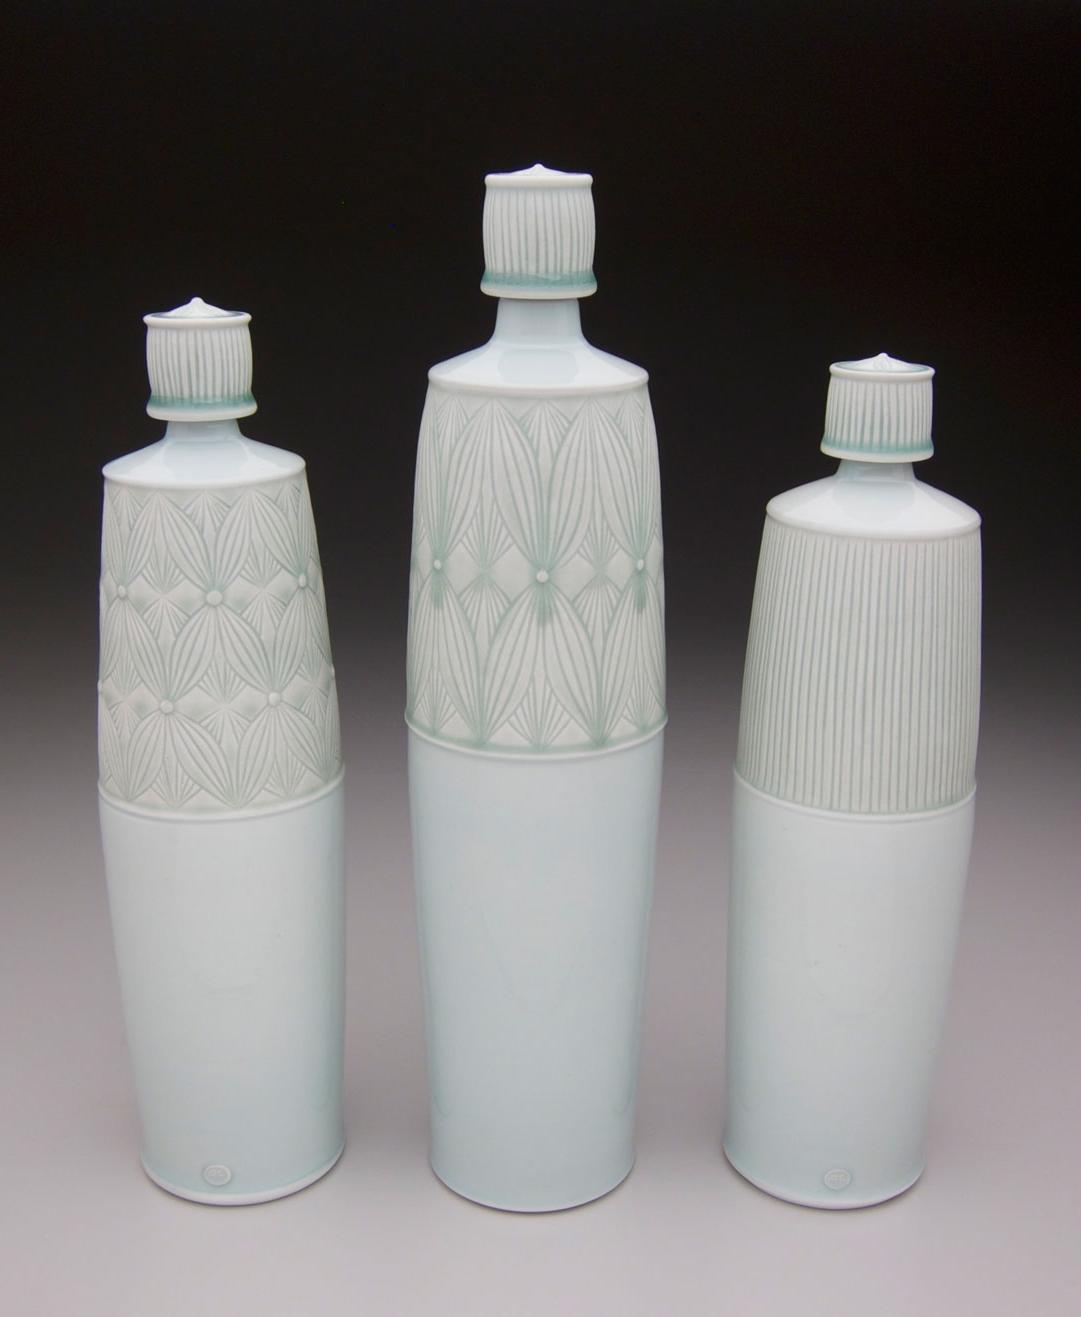 Stopper Bottles